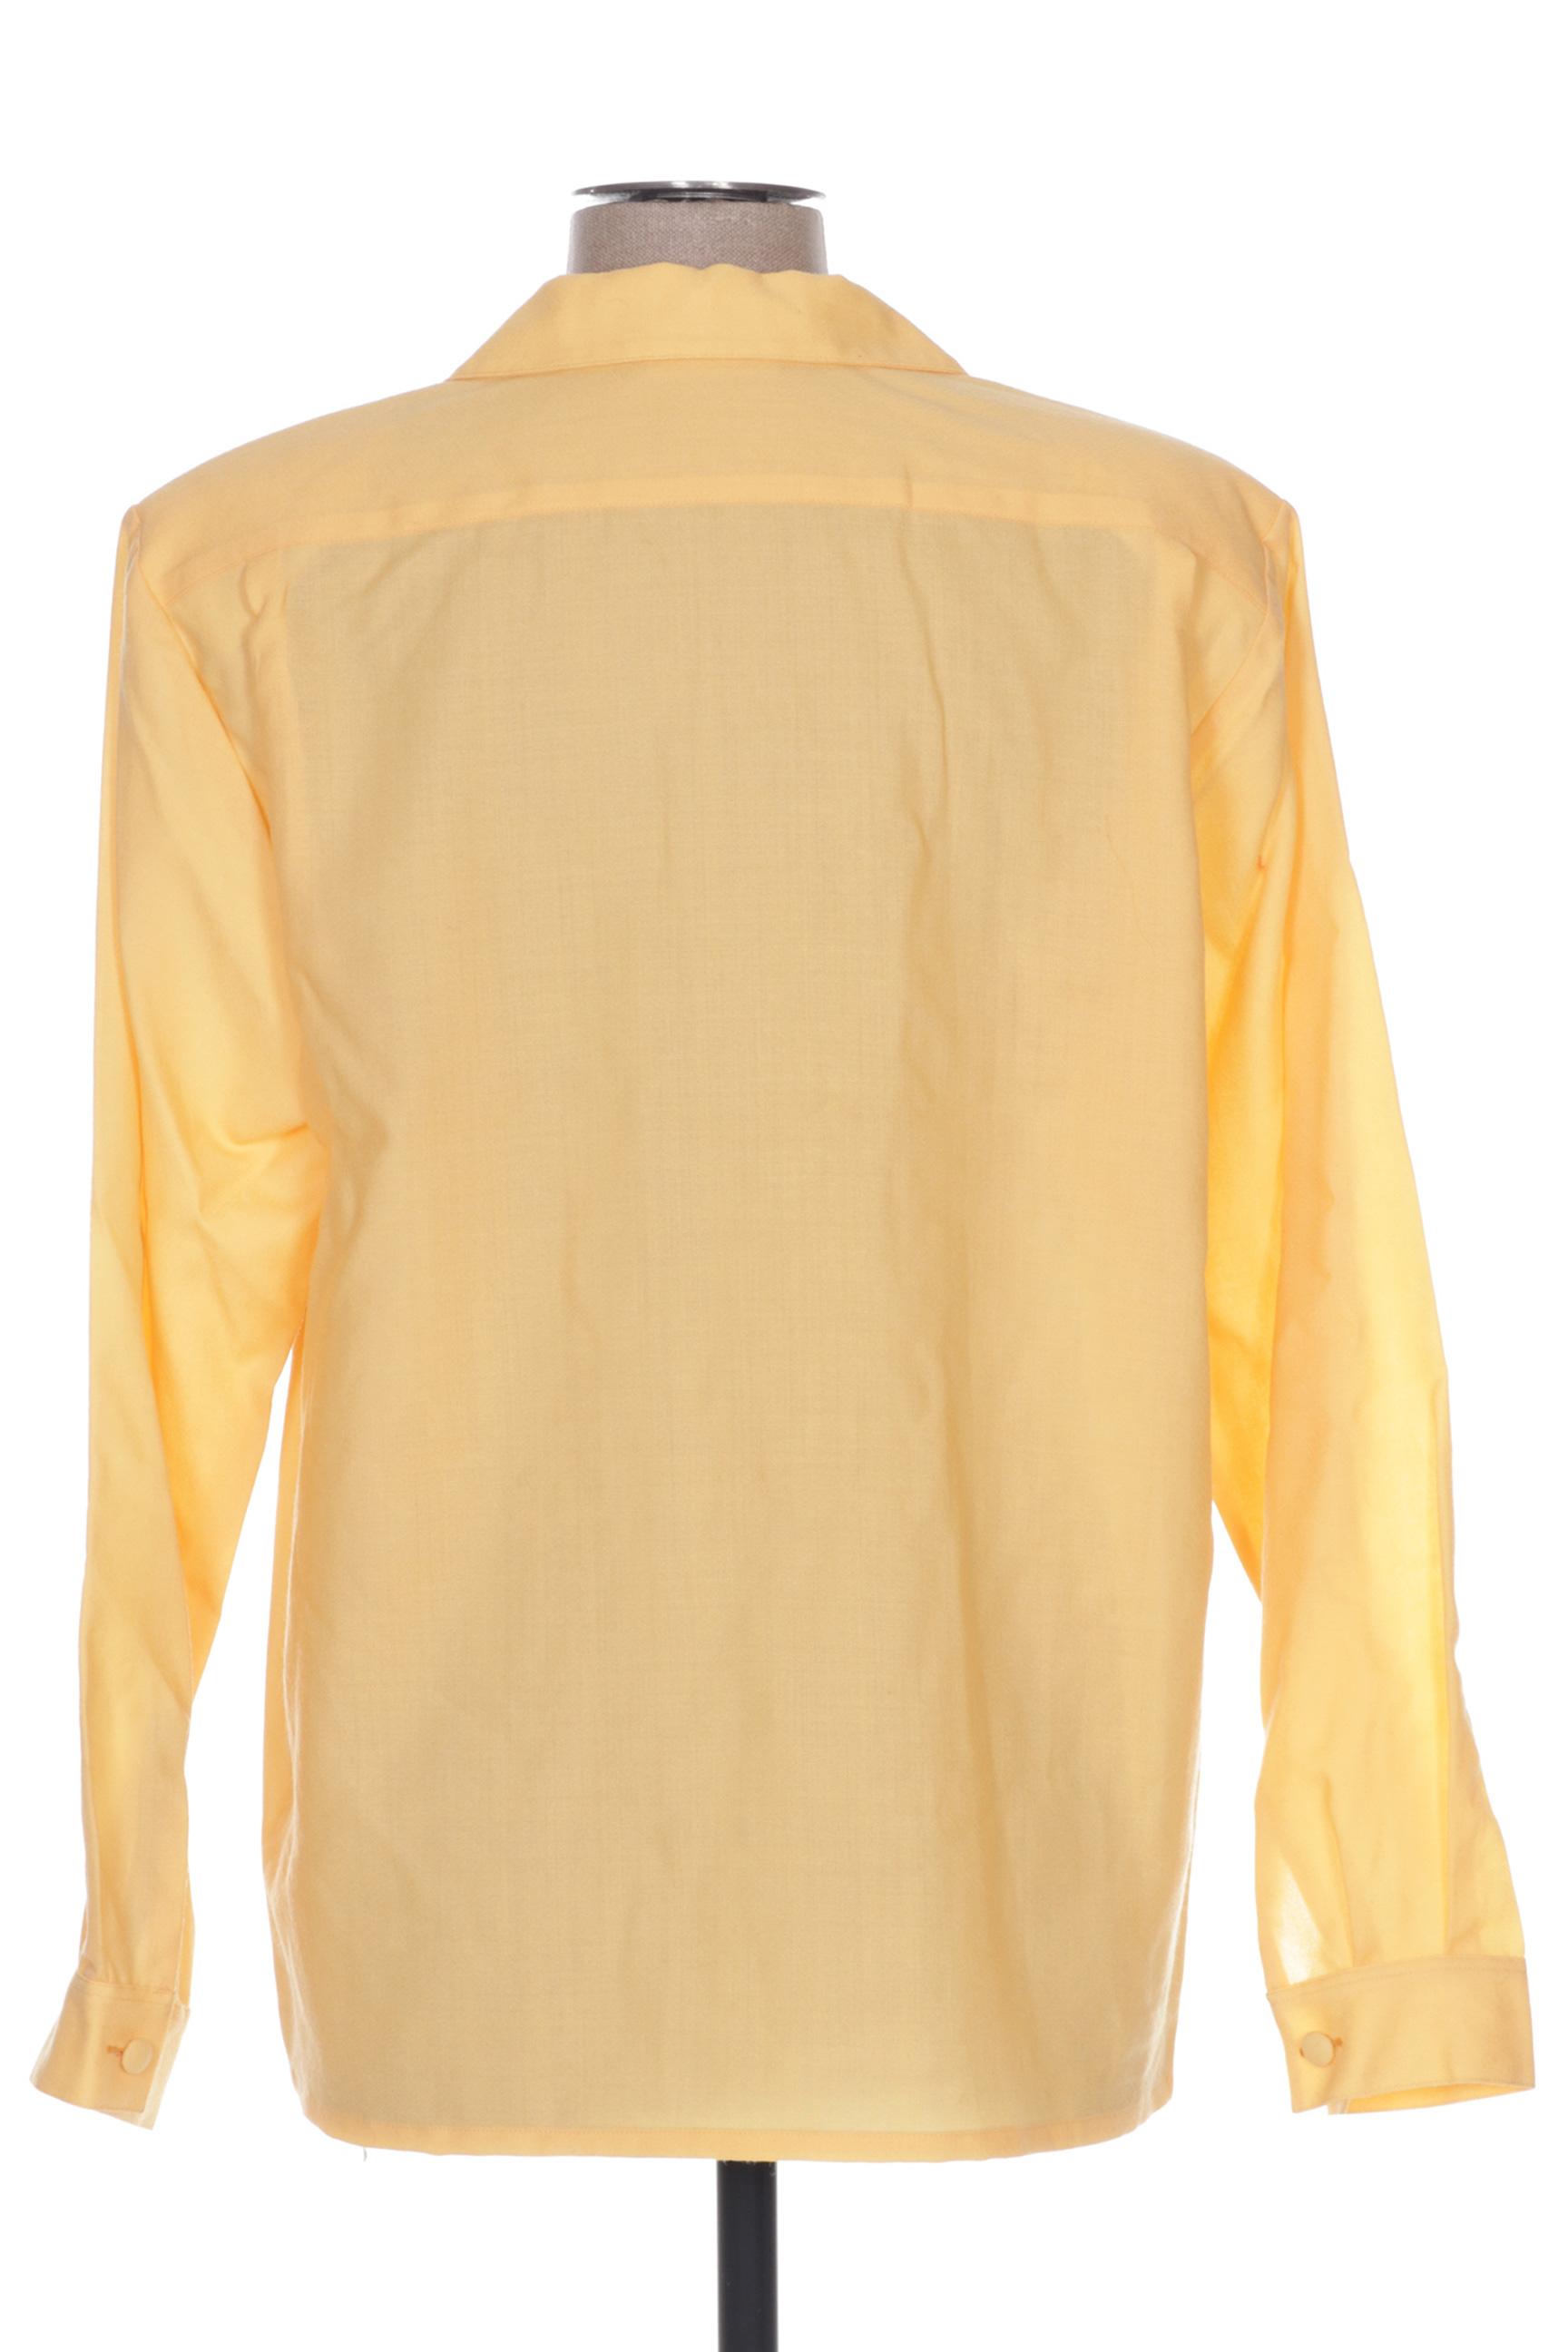 Claude De Saivre Chemisiers Manches Longues Femme Couleur Jaune En Soldes Pas Cher 1294571-jaune0